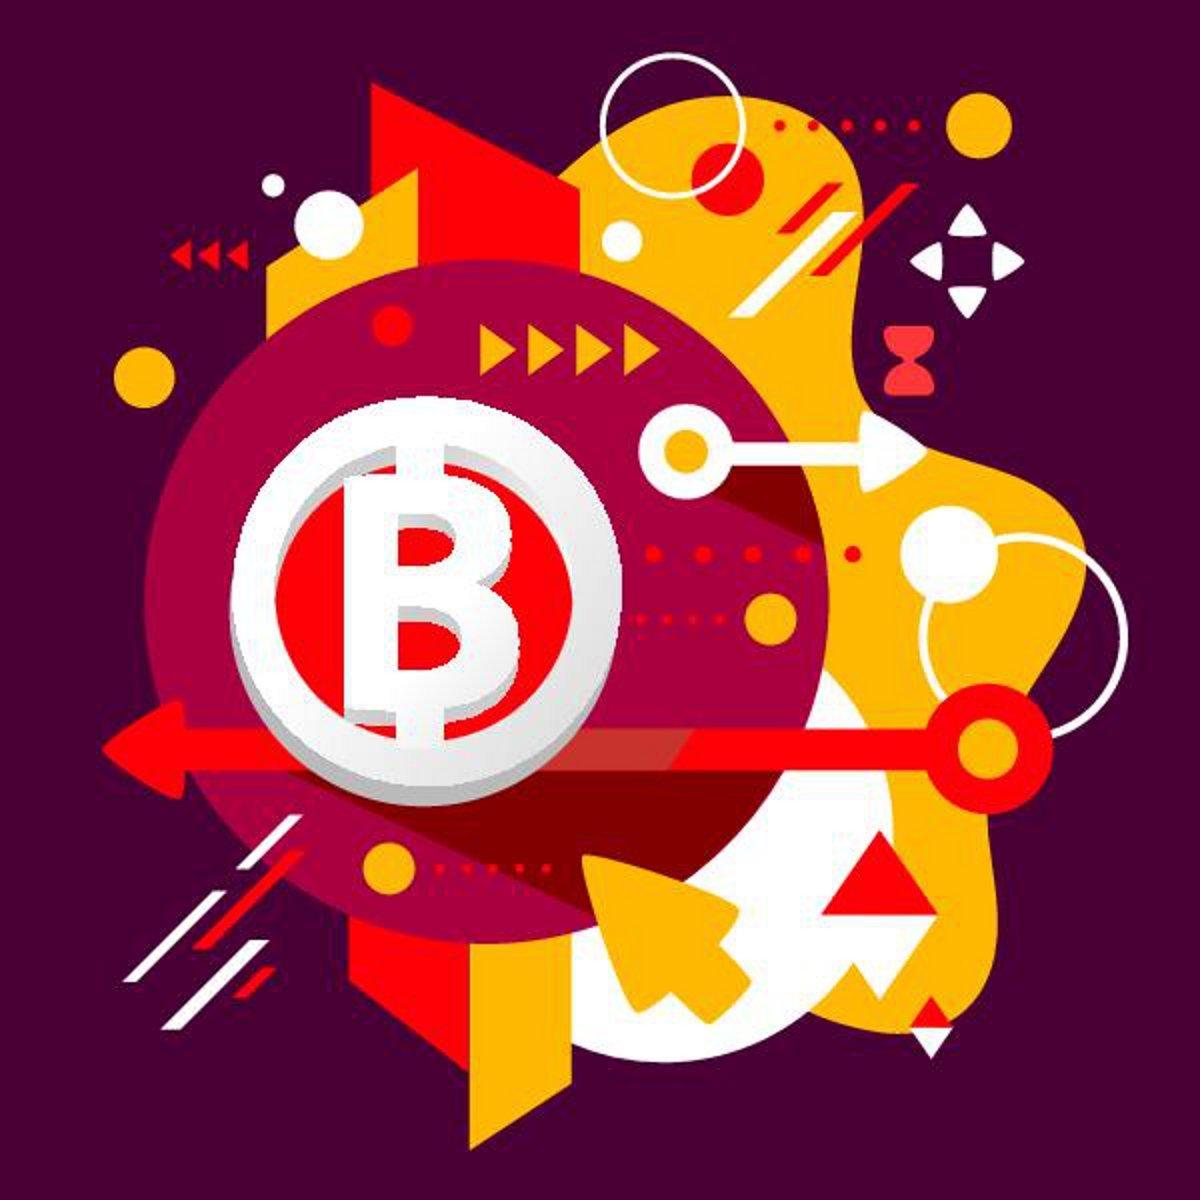 nekünk tiltott bitcoin bitcoin piaci sapka története